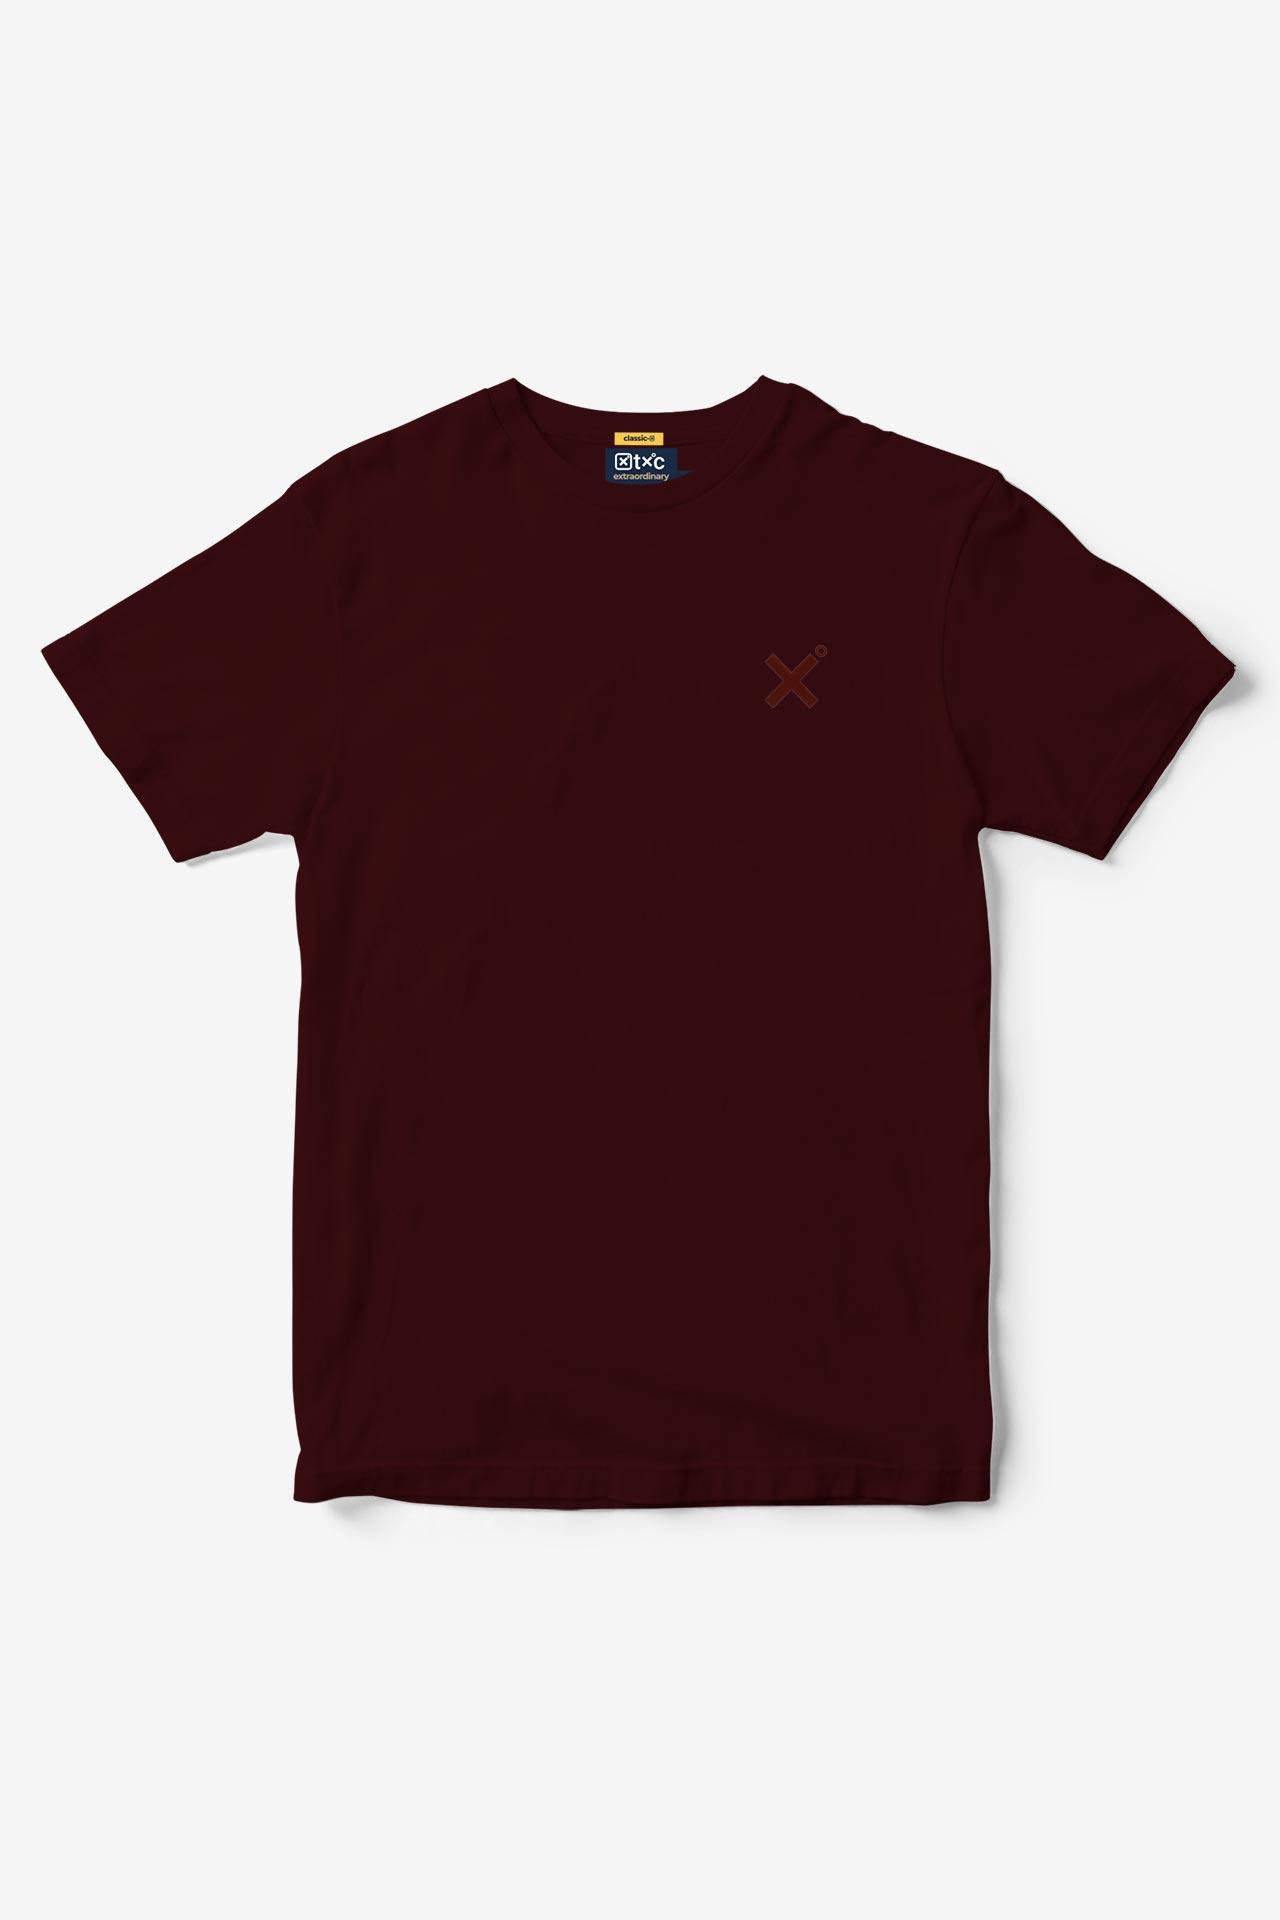 Camiseta TXC Brand 19234